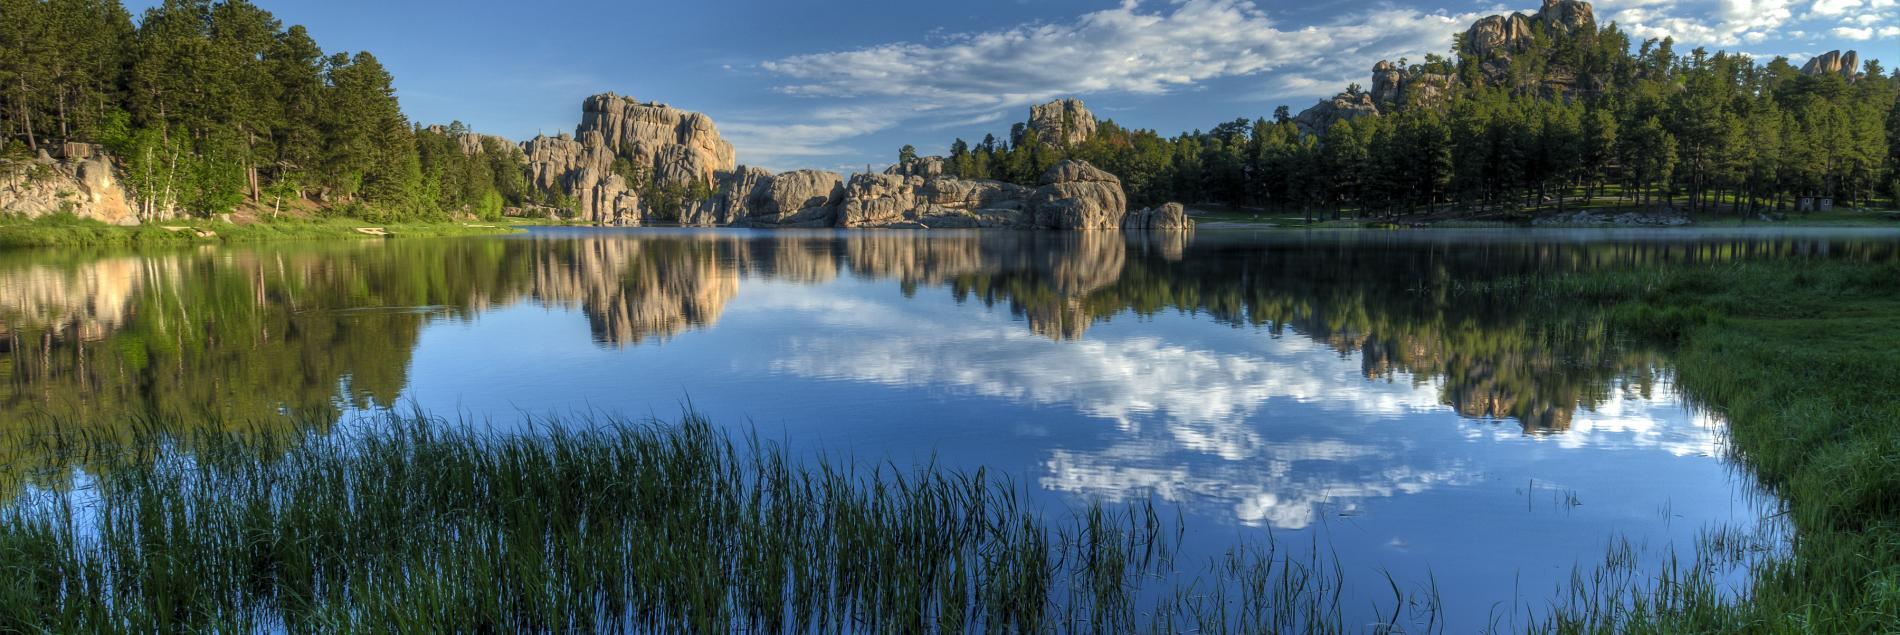 Sylvan Lake Lodge at Custer State Park Resort